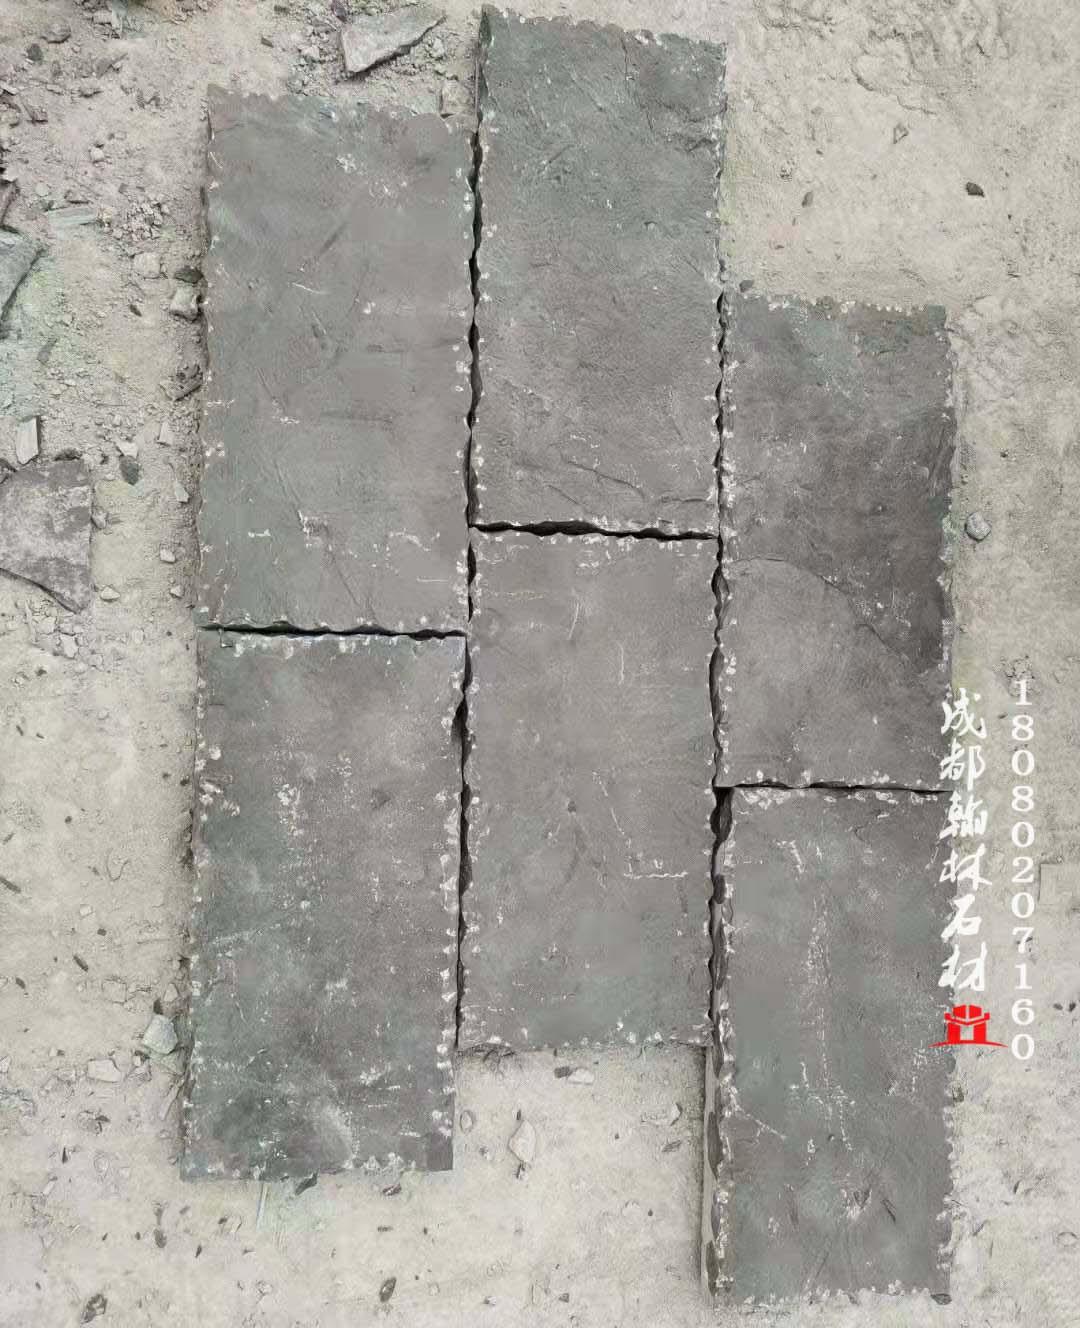 四川青石板复古原石(荷叶边)厂家直销价更低